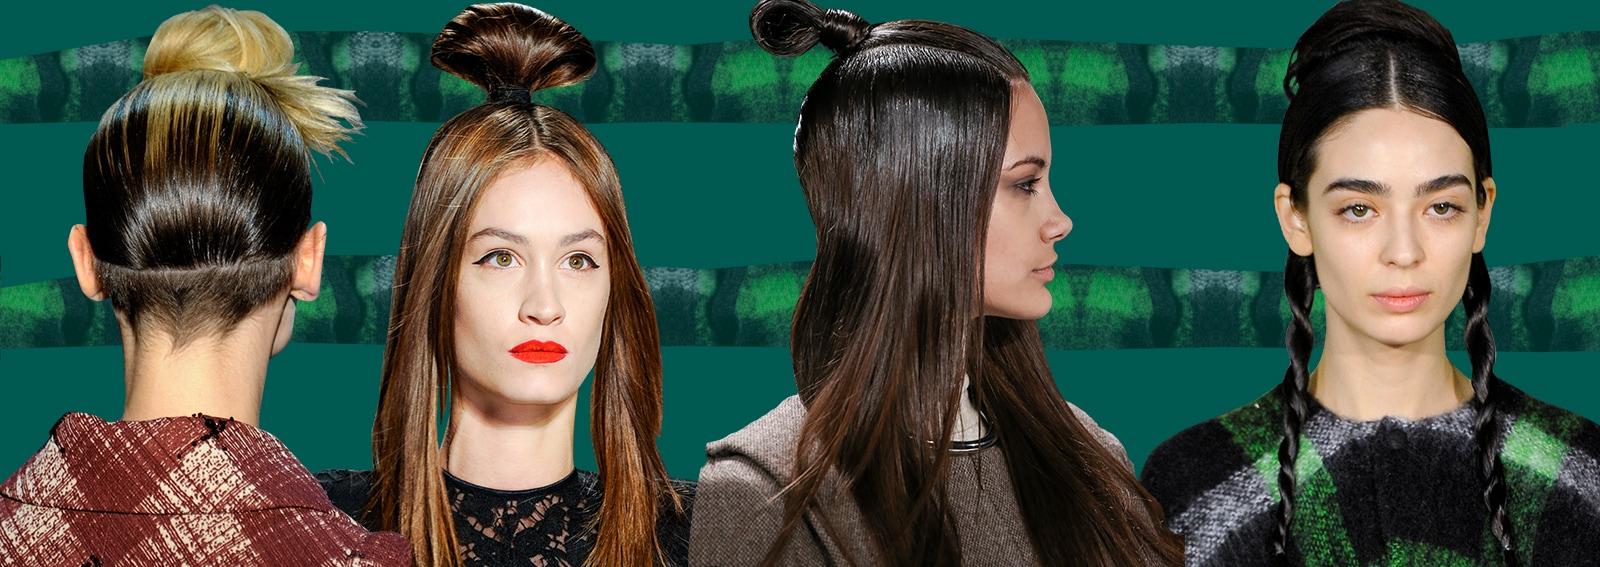 collage_tendenza-capelli-il-bun-si-rinnova-desktop